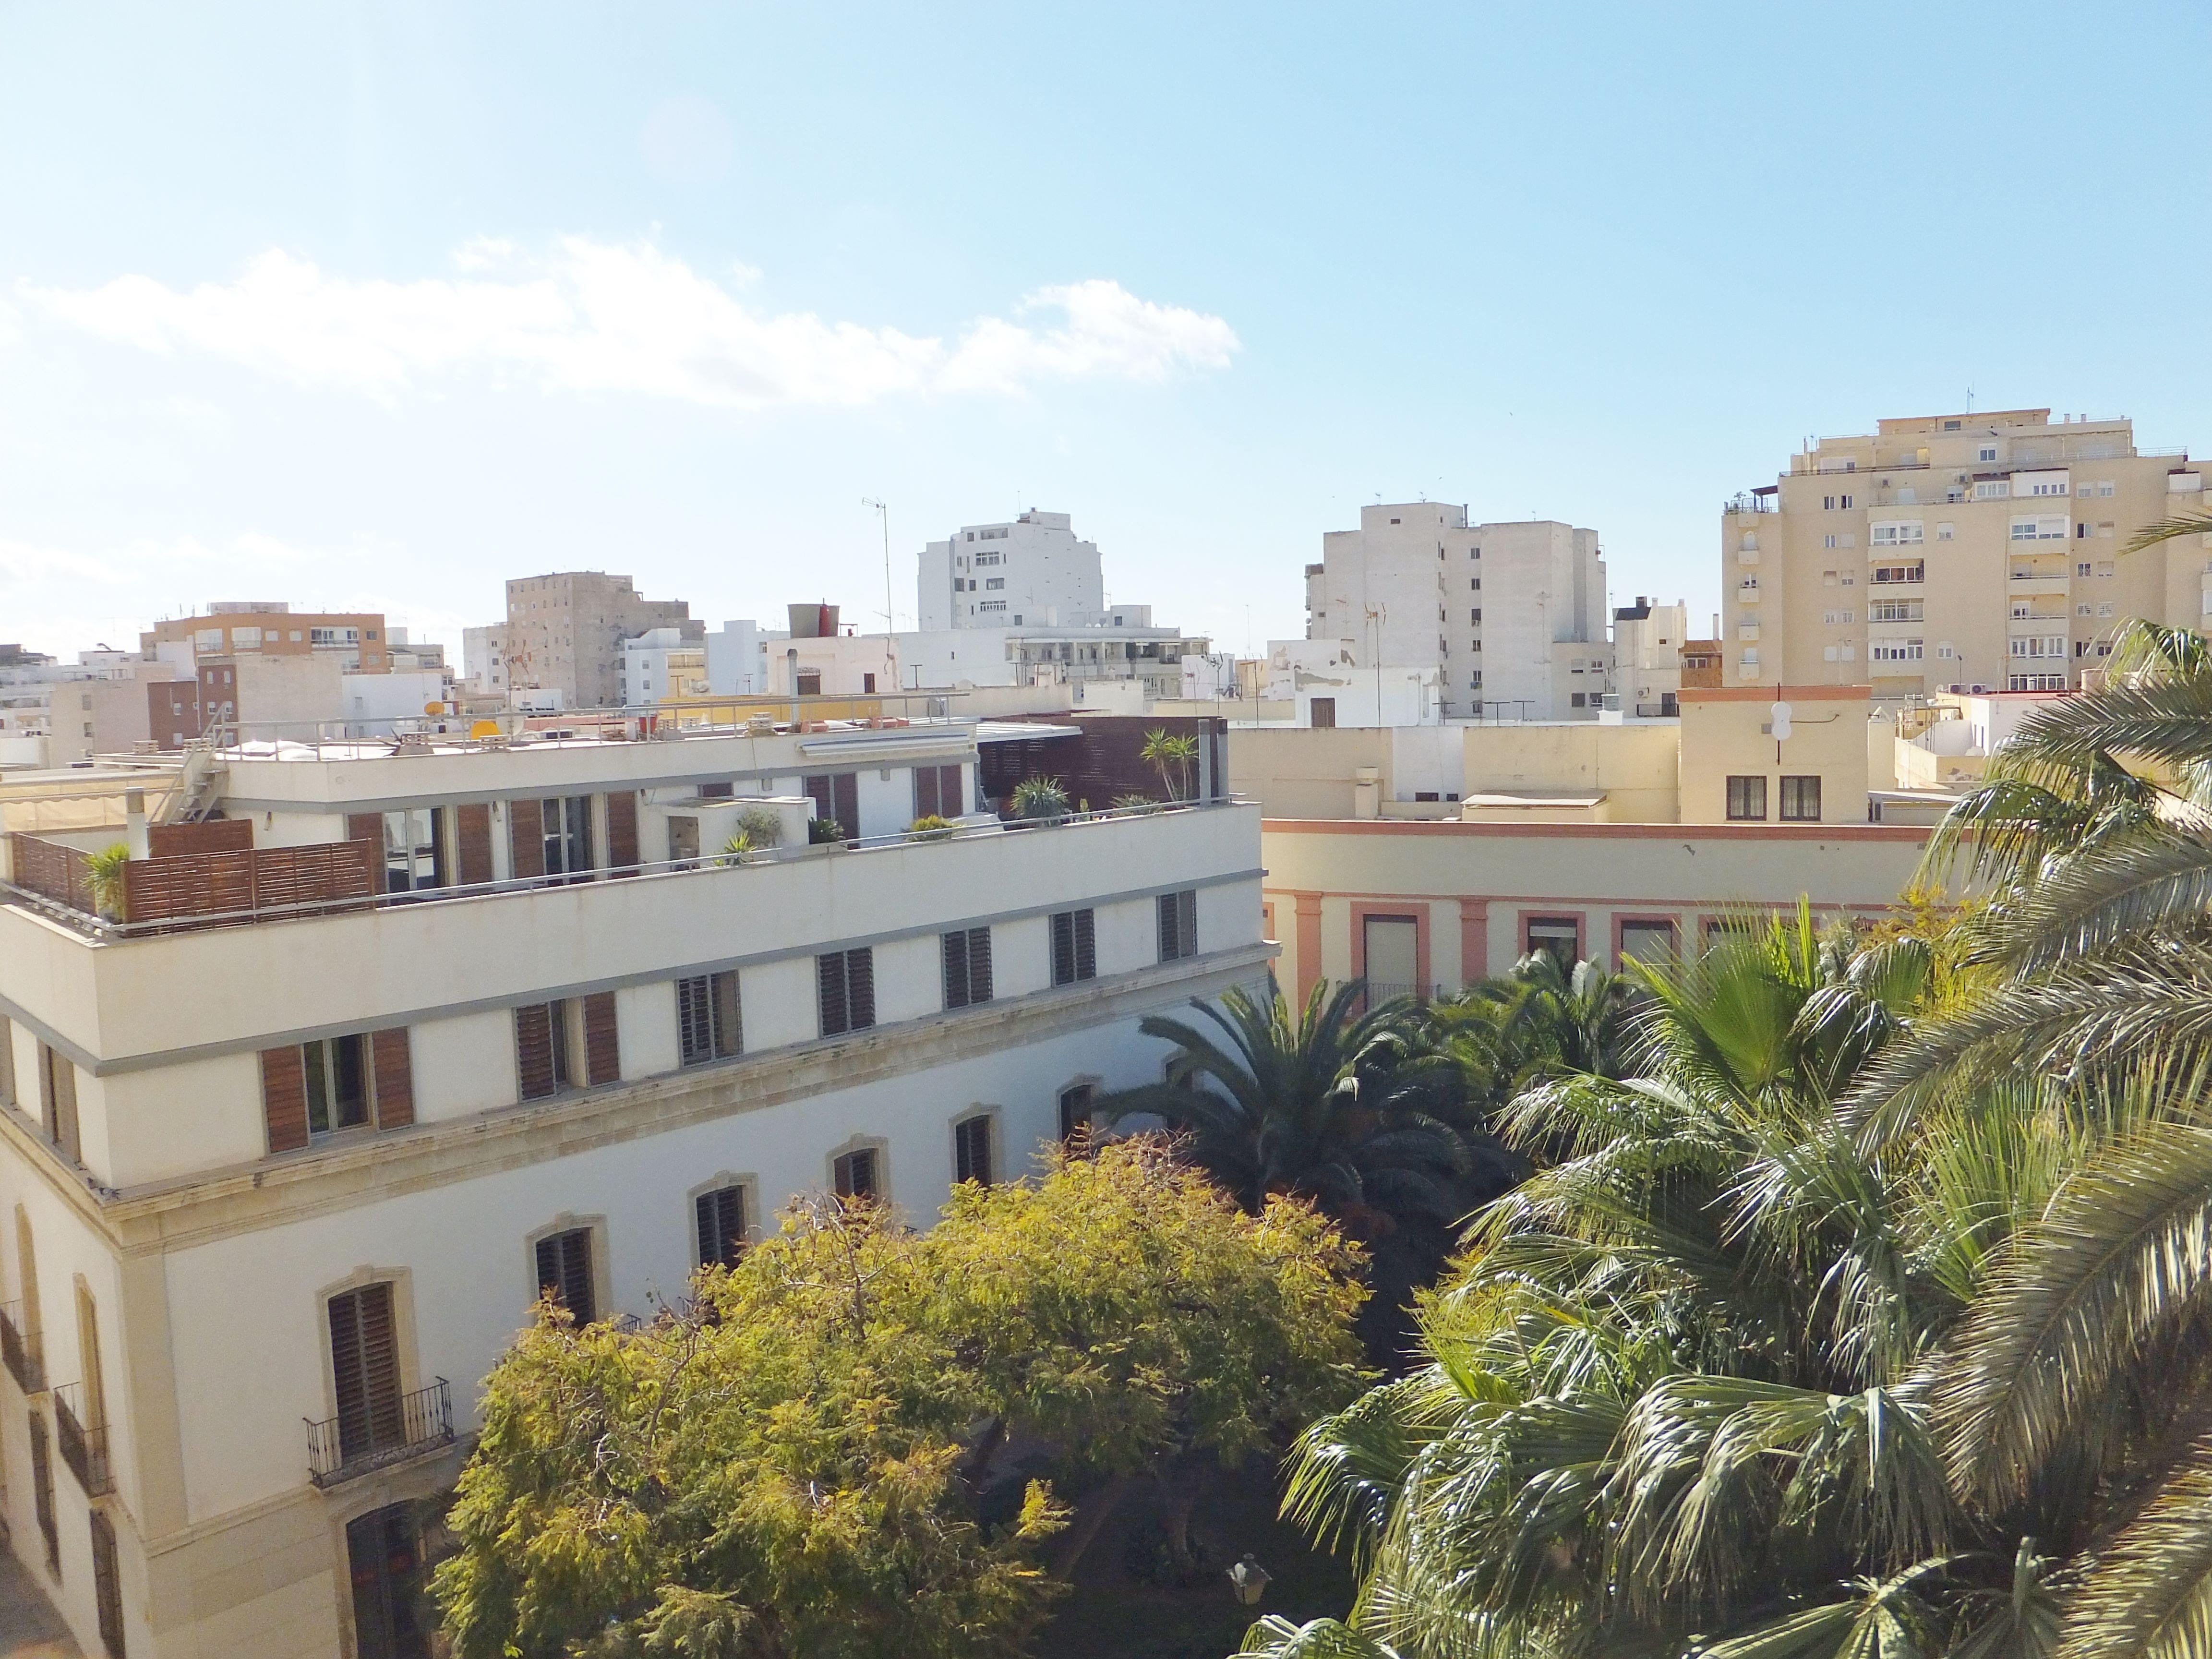 Dscf4326 inmobiliaria piquer for Oficina catastro almeria